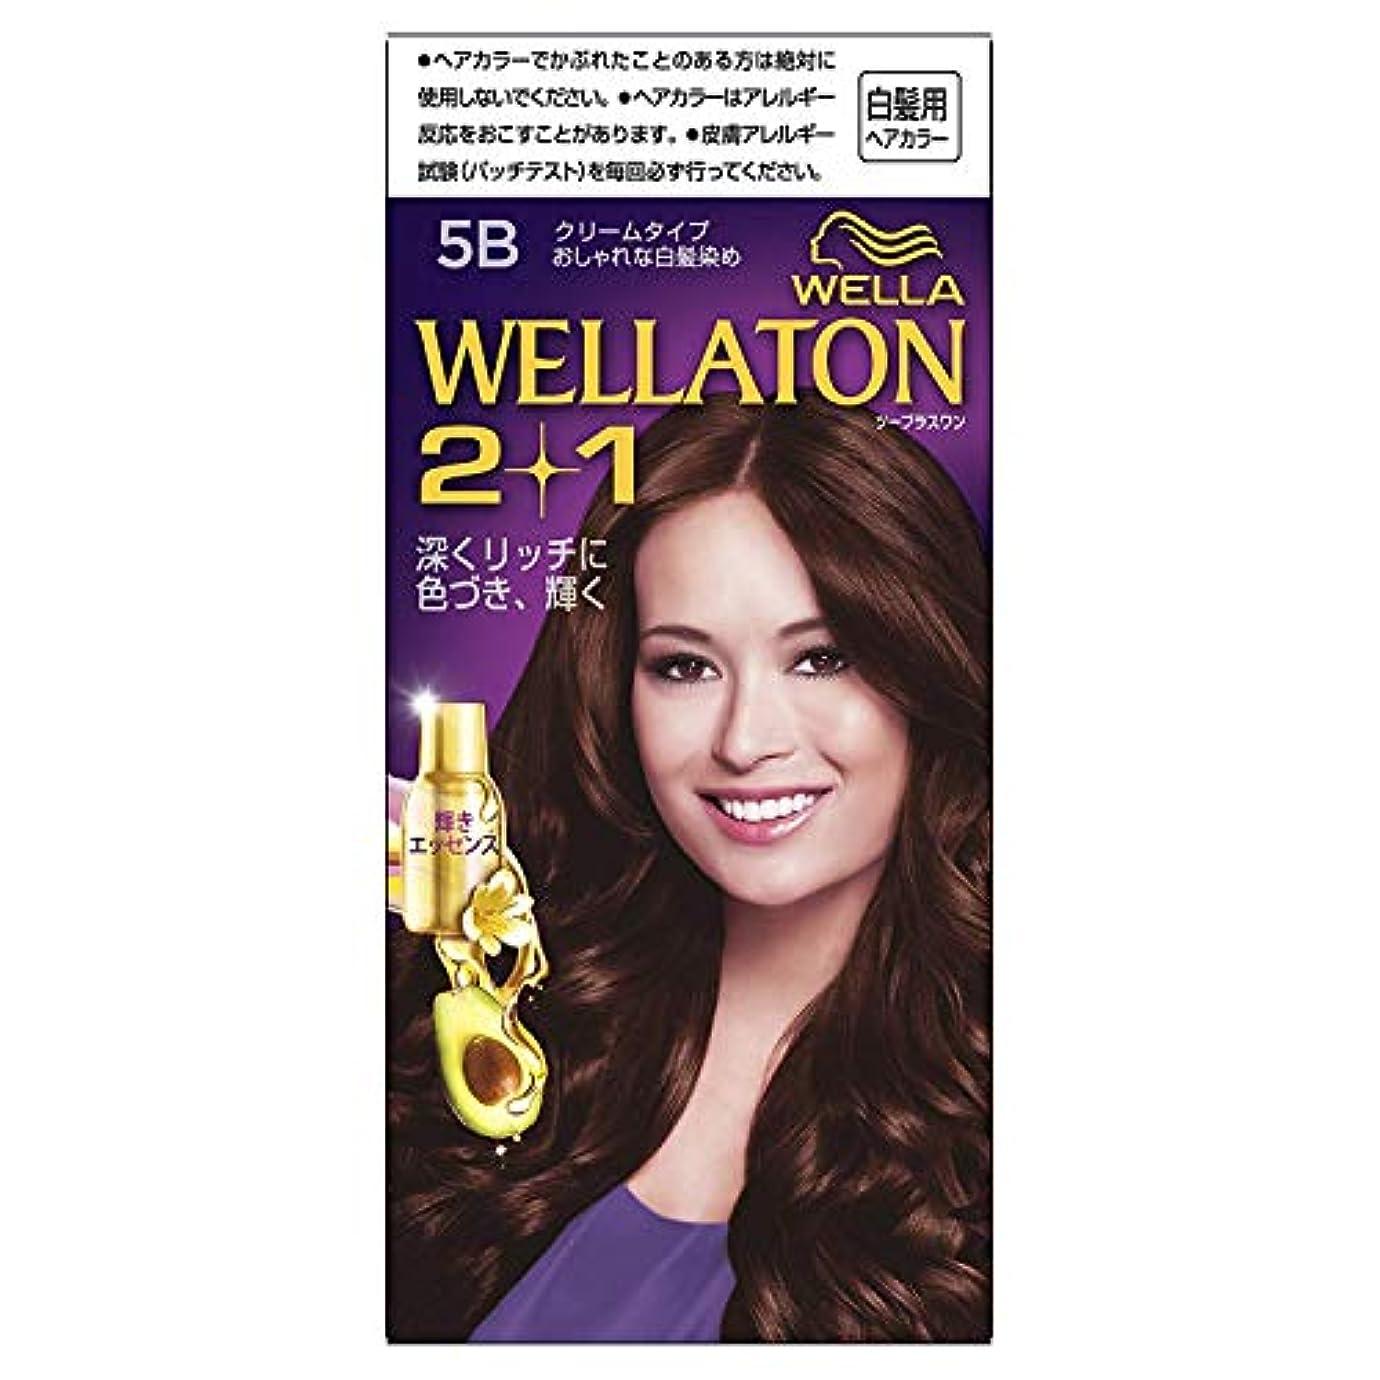 ウエラトーン2+1 白髪染め クリームタイプ 5B [医薬部外品]×6個